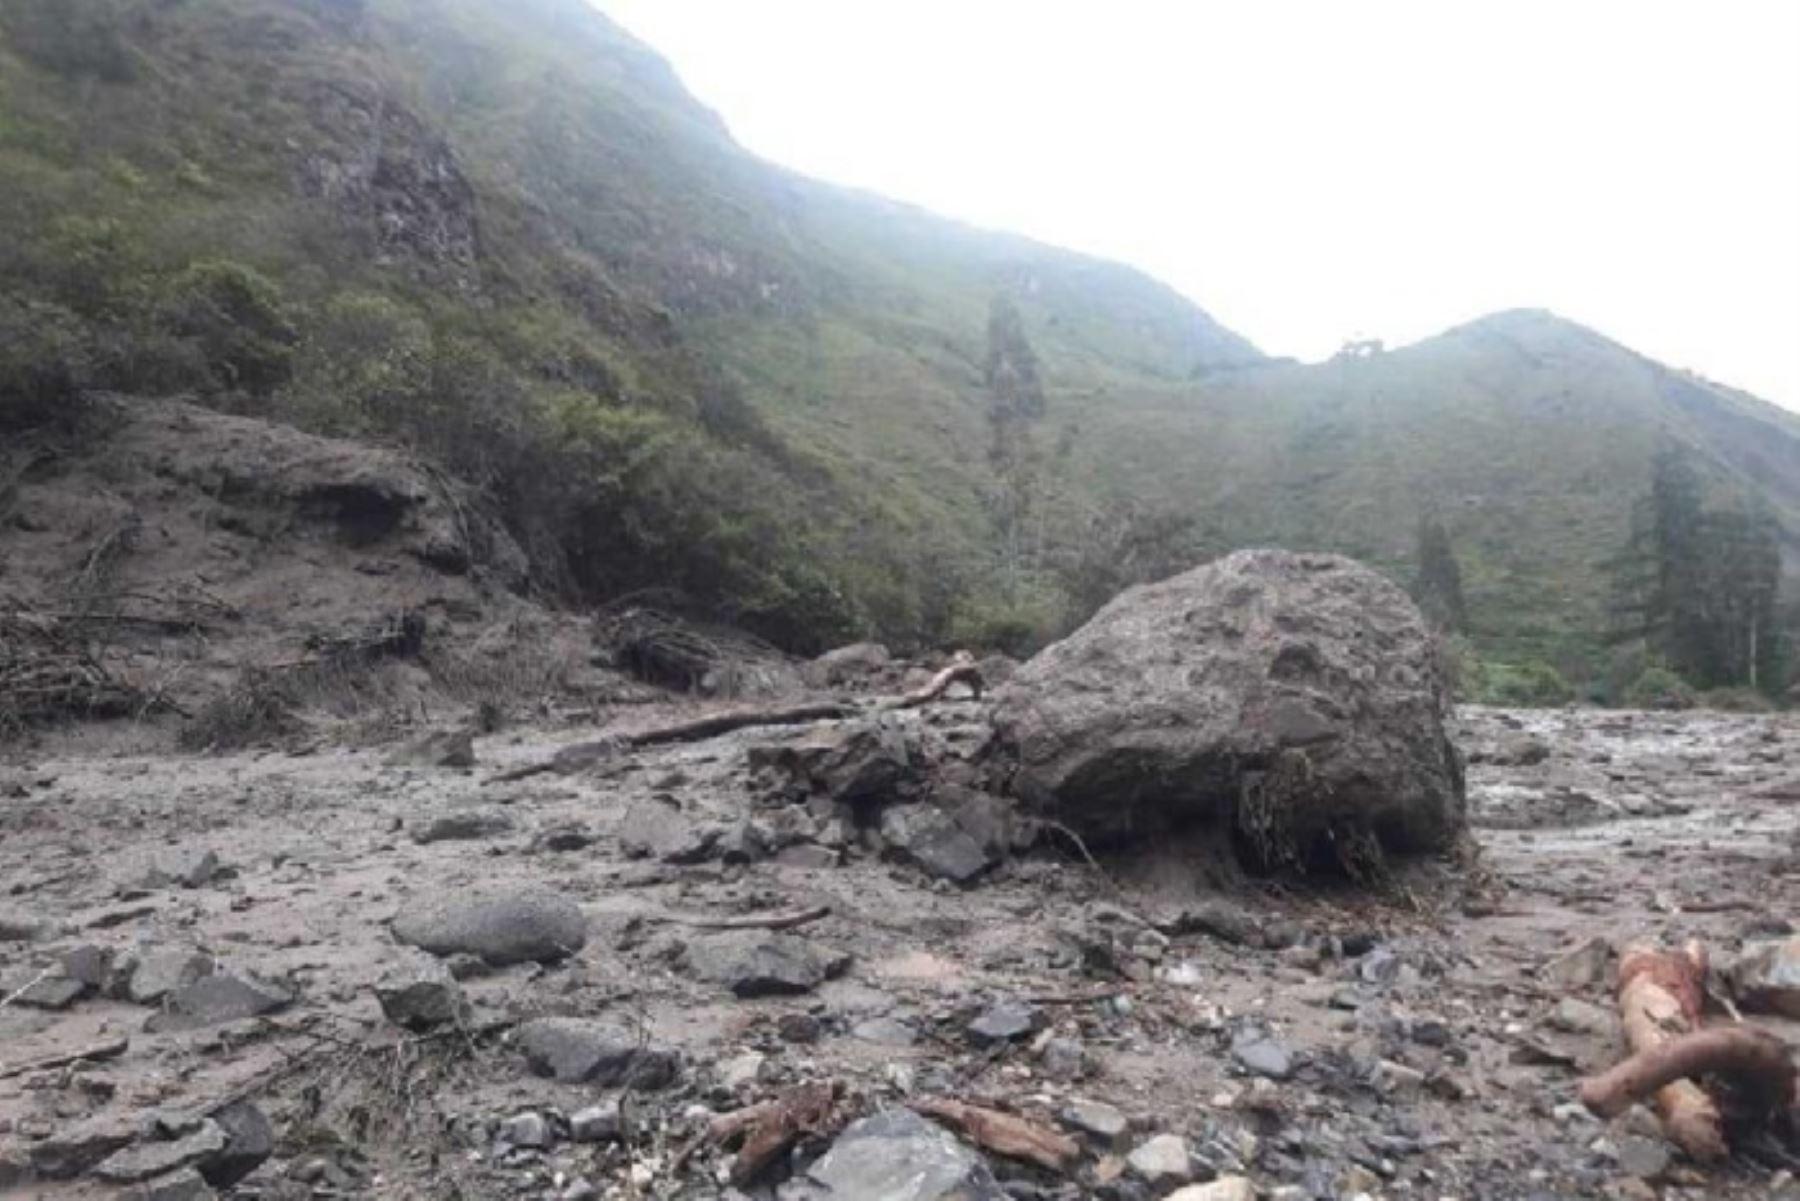 En las últimas horas, dos huaicos que se registraron en los distritos de Mariscal Castilla y Andamarca, en Concepción, aislaron a 3,000 mil pobladores de esta provincia de la región Junín, informaron las autoridades locales.